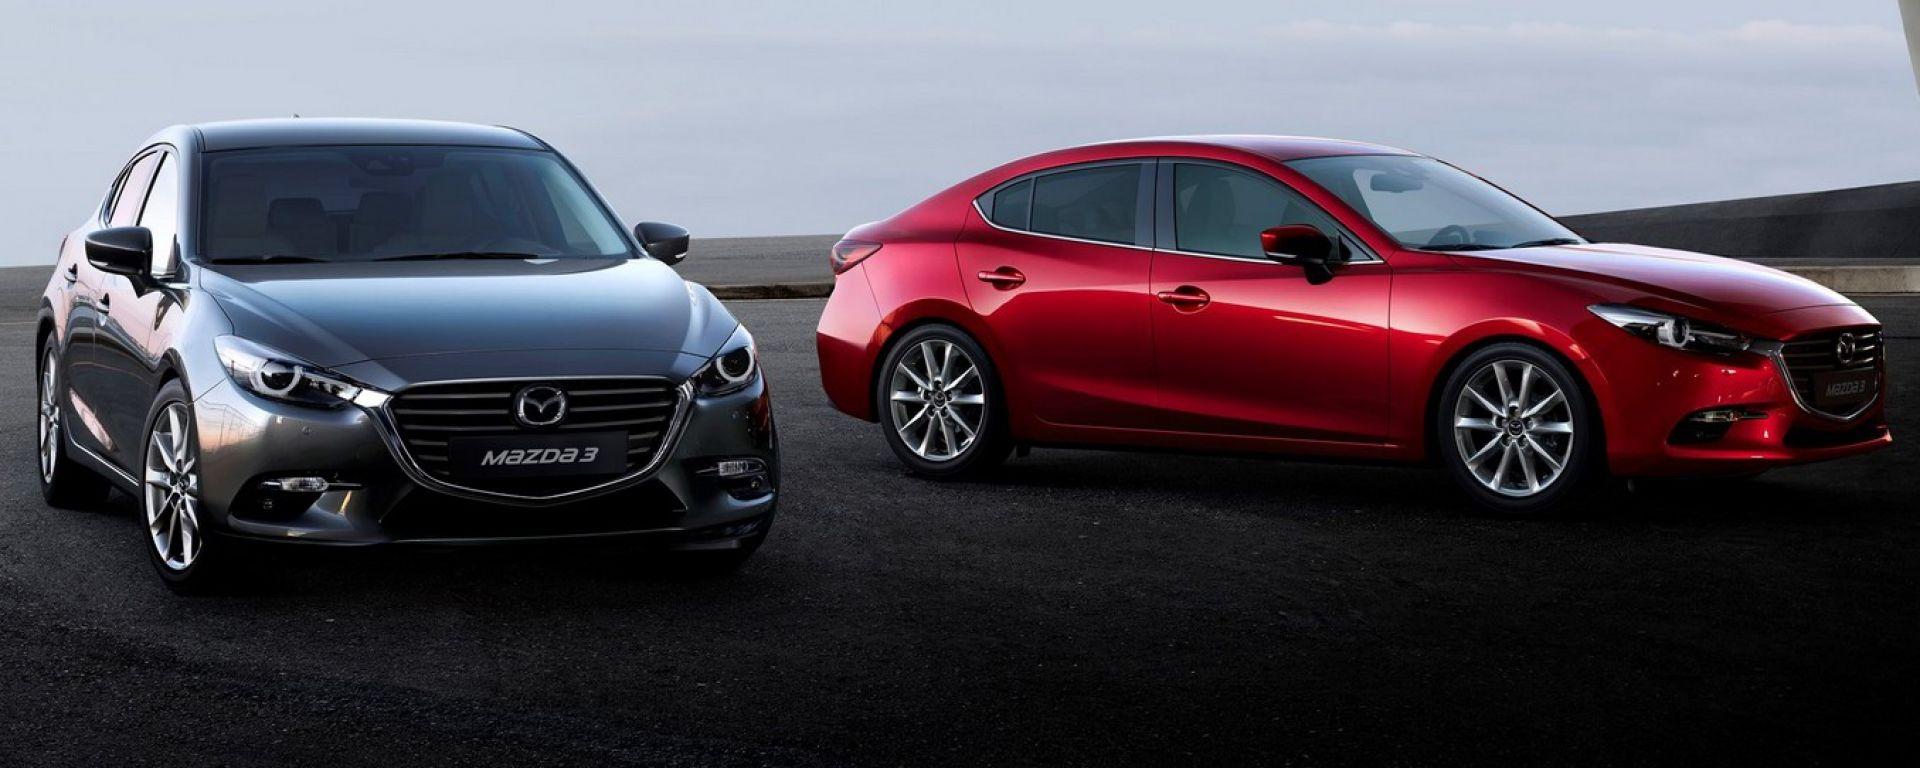 Mazda 3 2017: le novità del restyling e il G-Vectoring Control